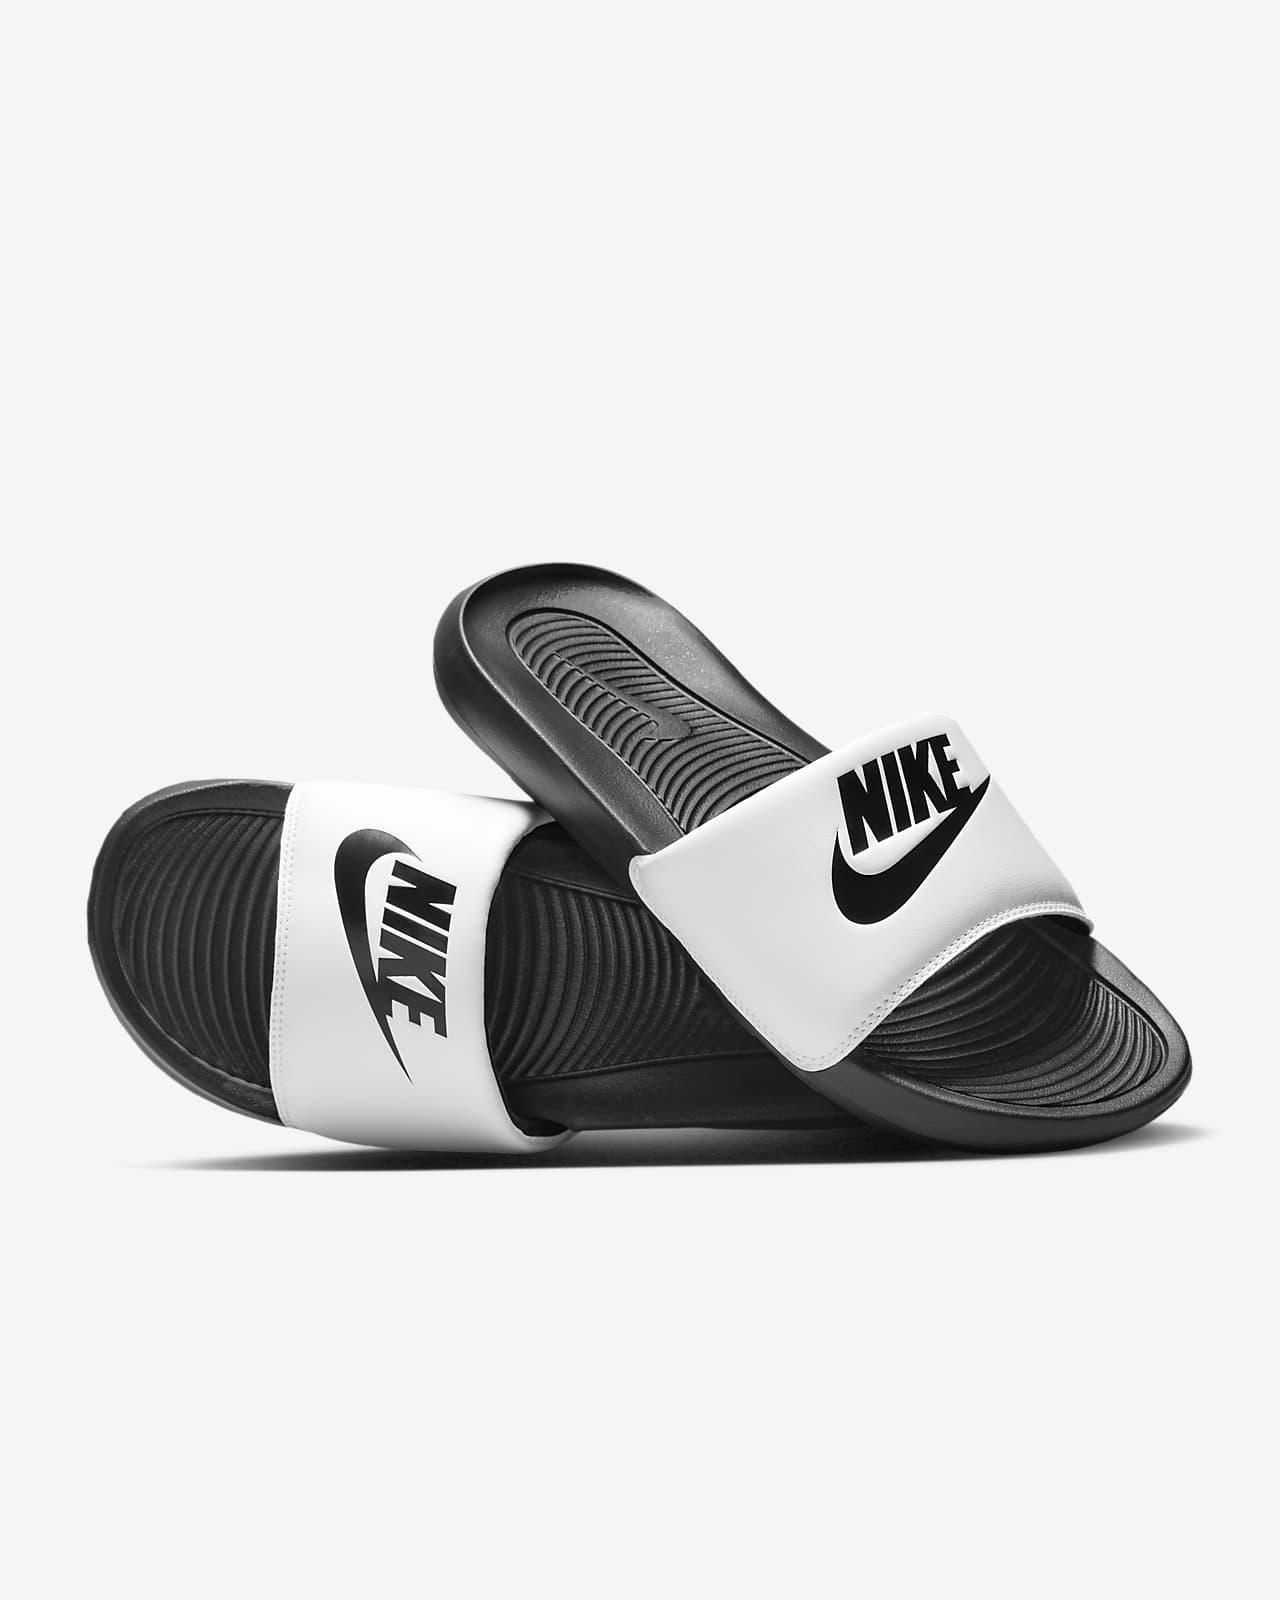 รองเท้าแตะผู้ชายแบบสวม Nike Victori One